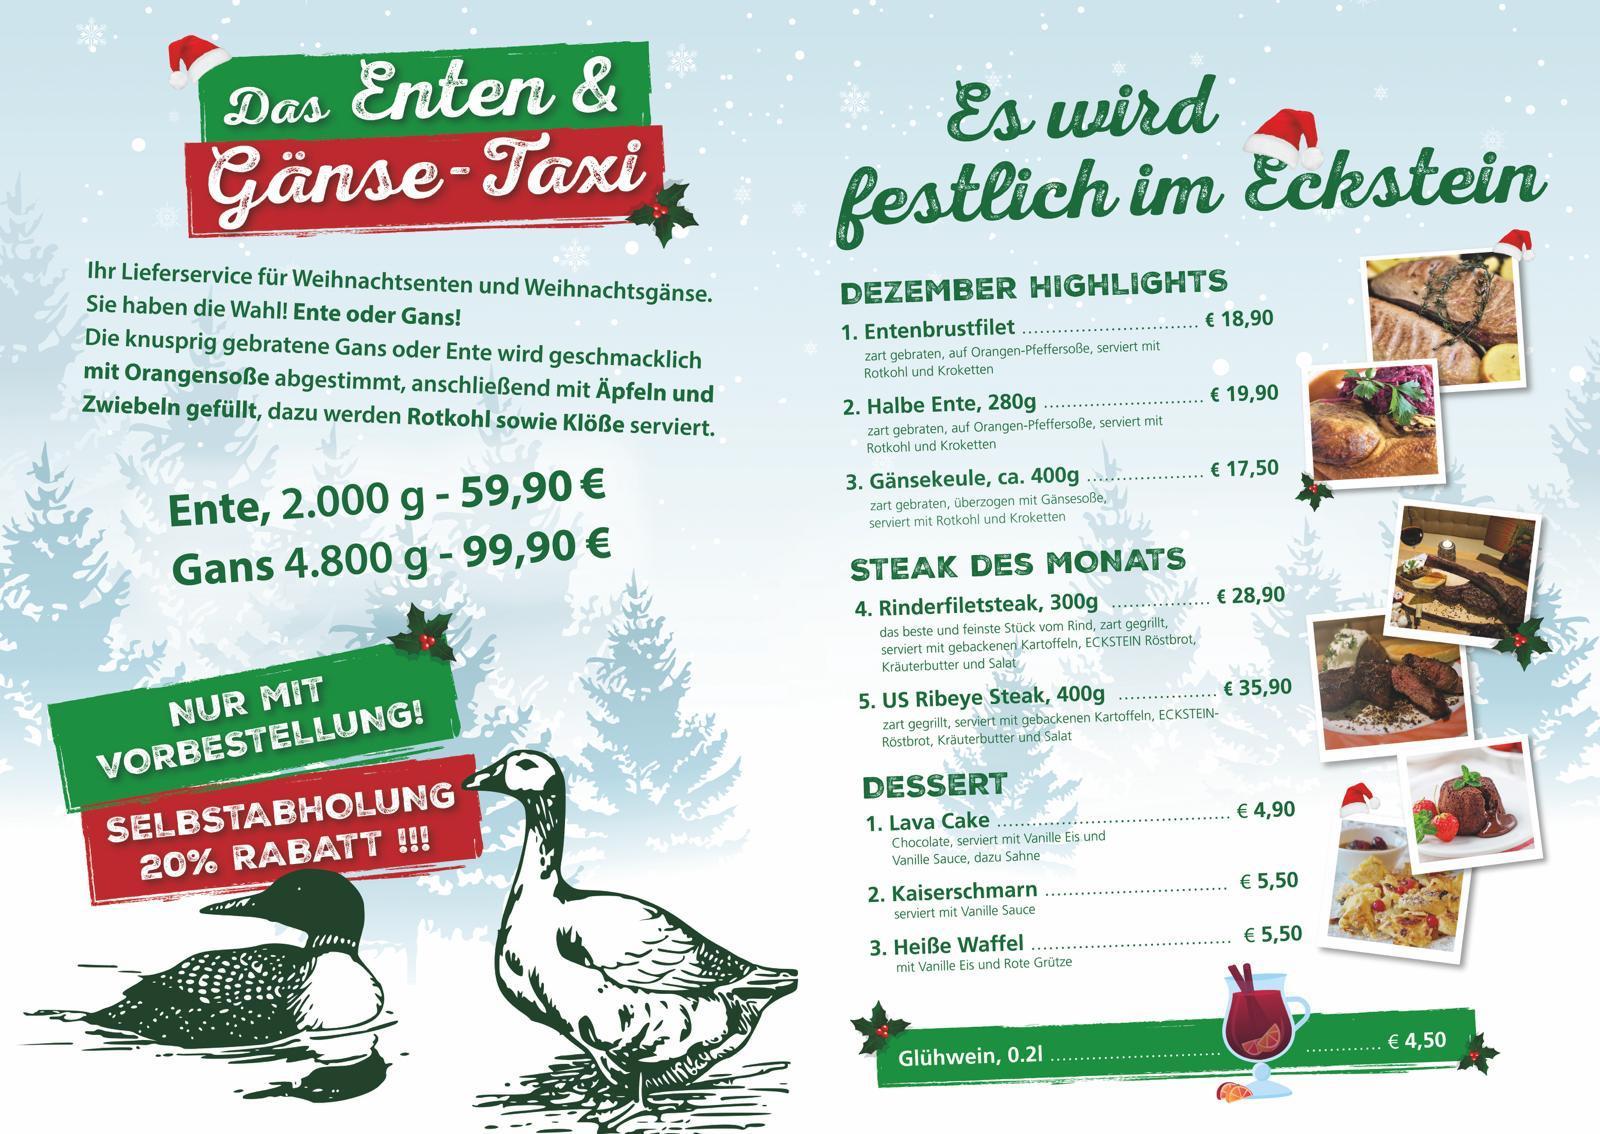 Eckstein-Restaurant-Eimsbüttel-Burger-Steaks-Fisch-festlich